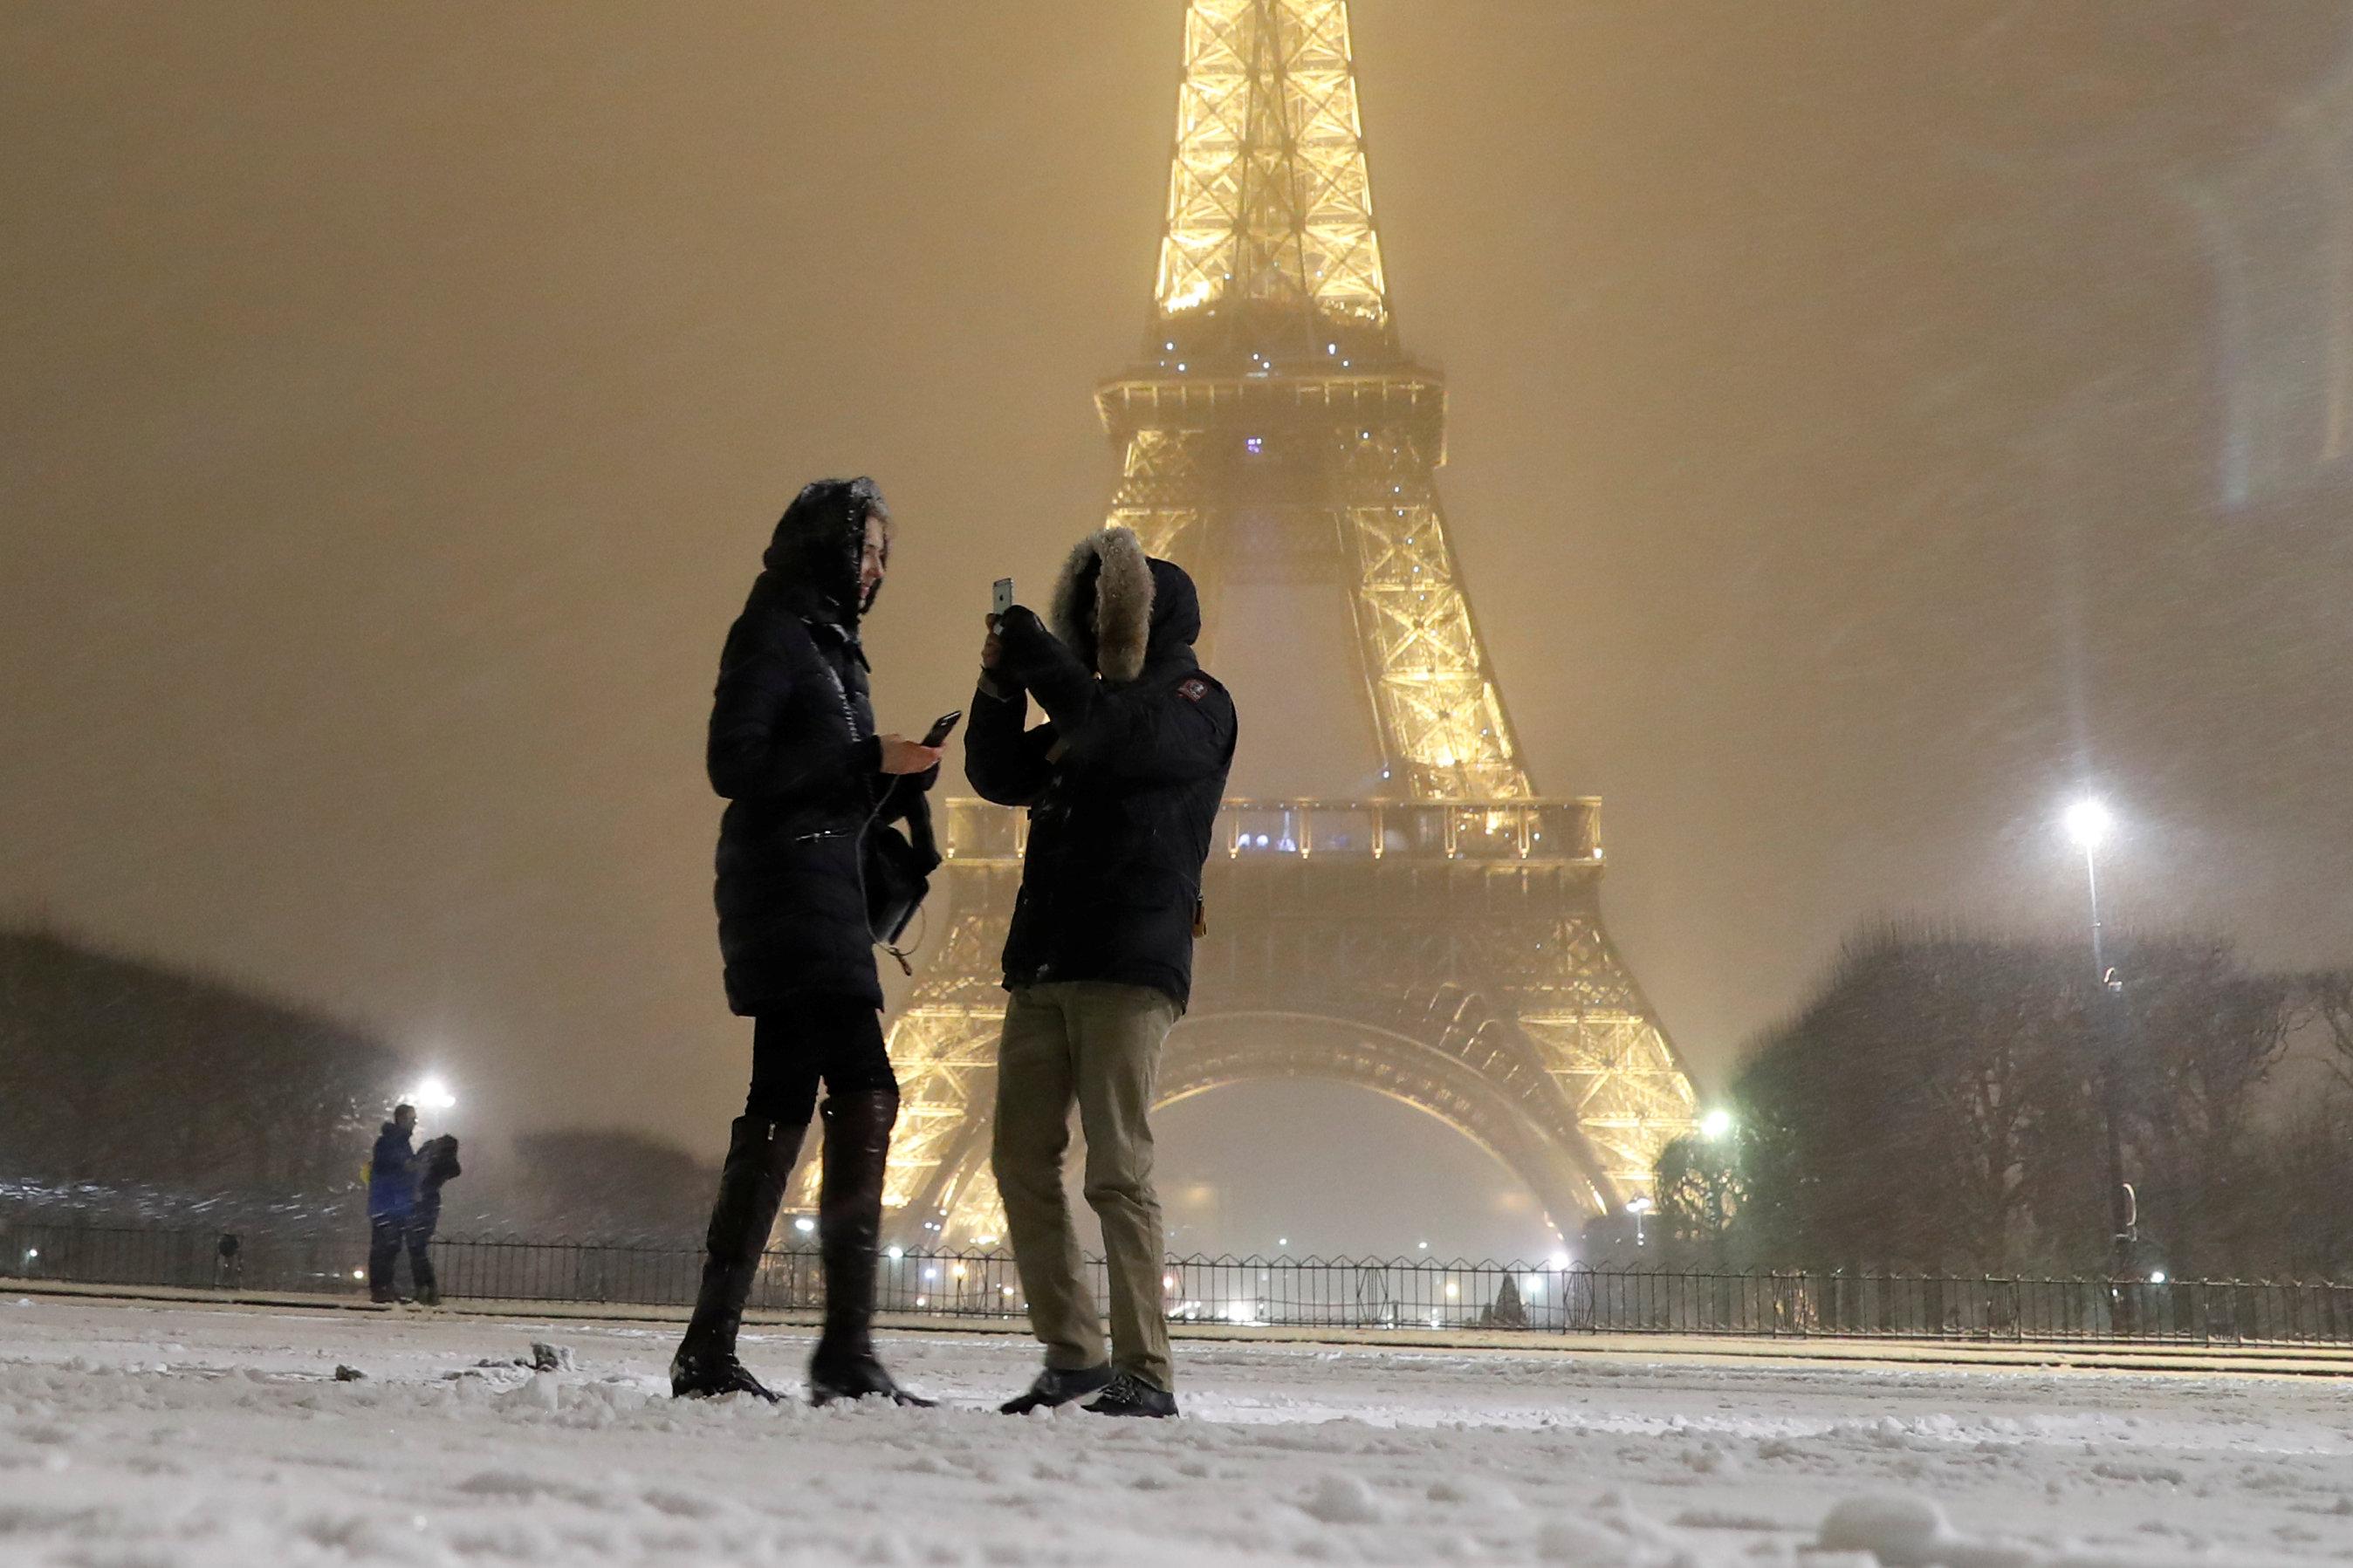 Ni las fuertes nevadas impiden que los turistas obtengan su foto con la torre.